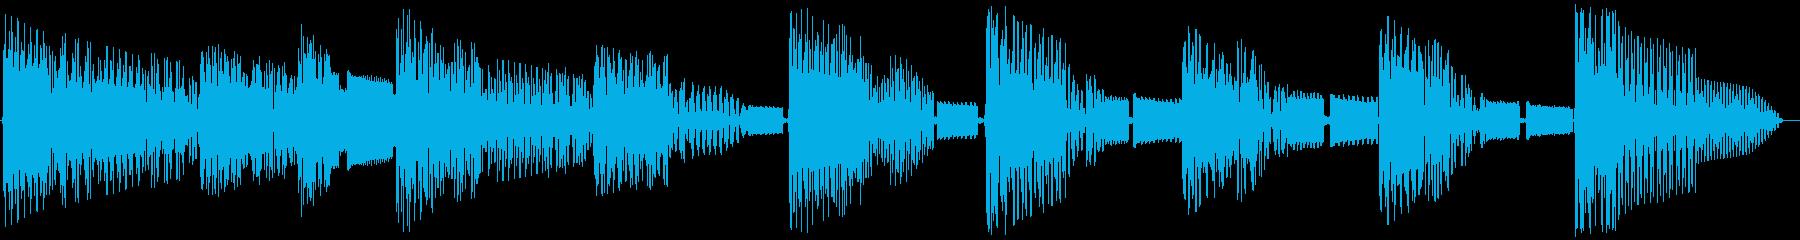 レトロゲームジングル:ゴシック2の再生済みの波形